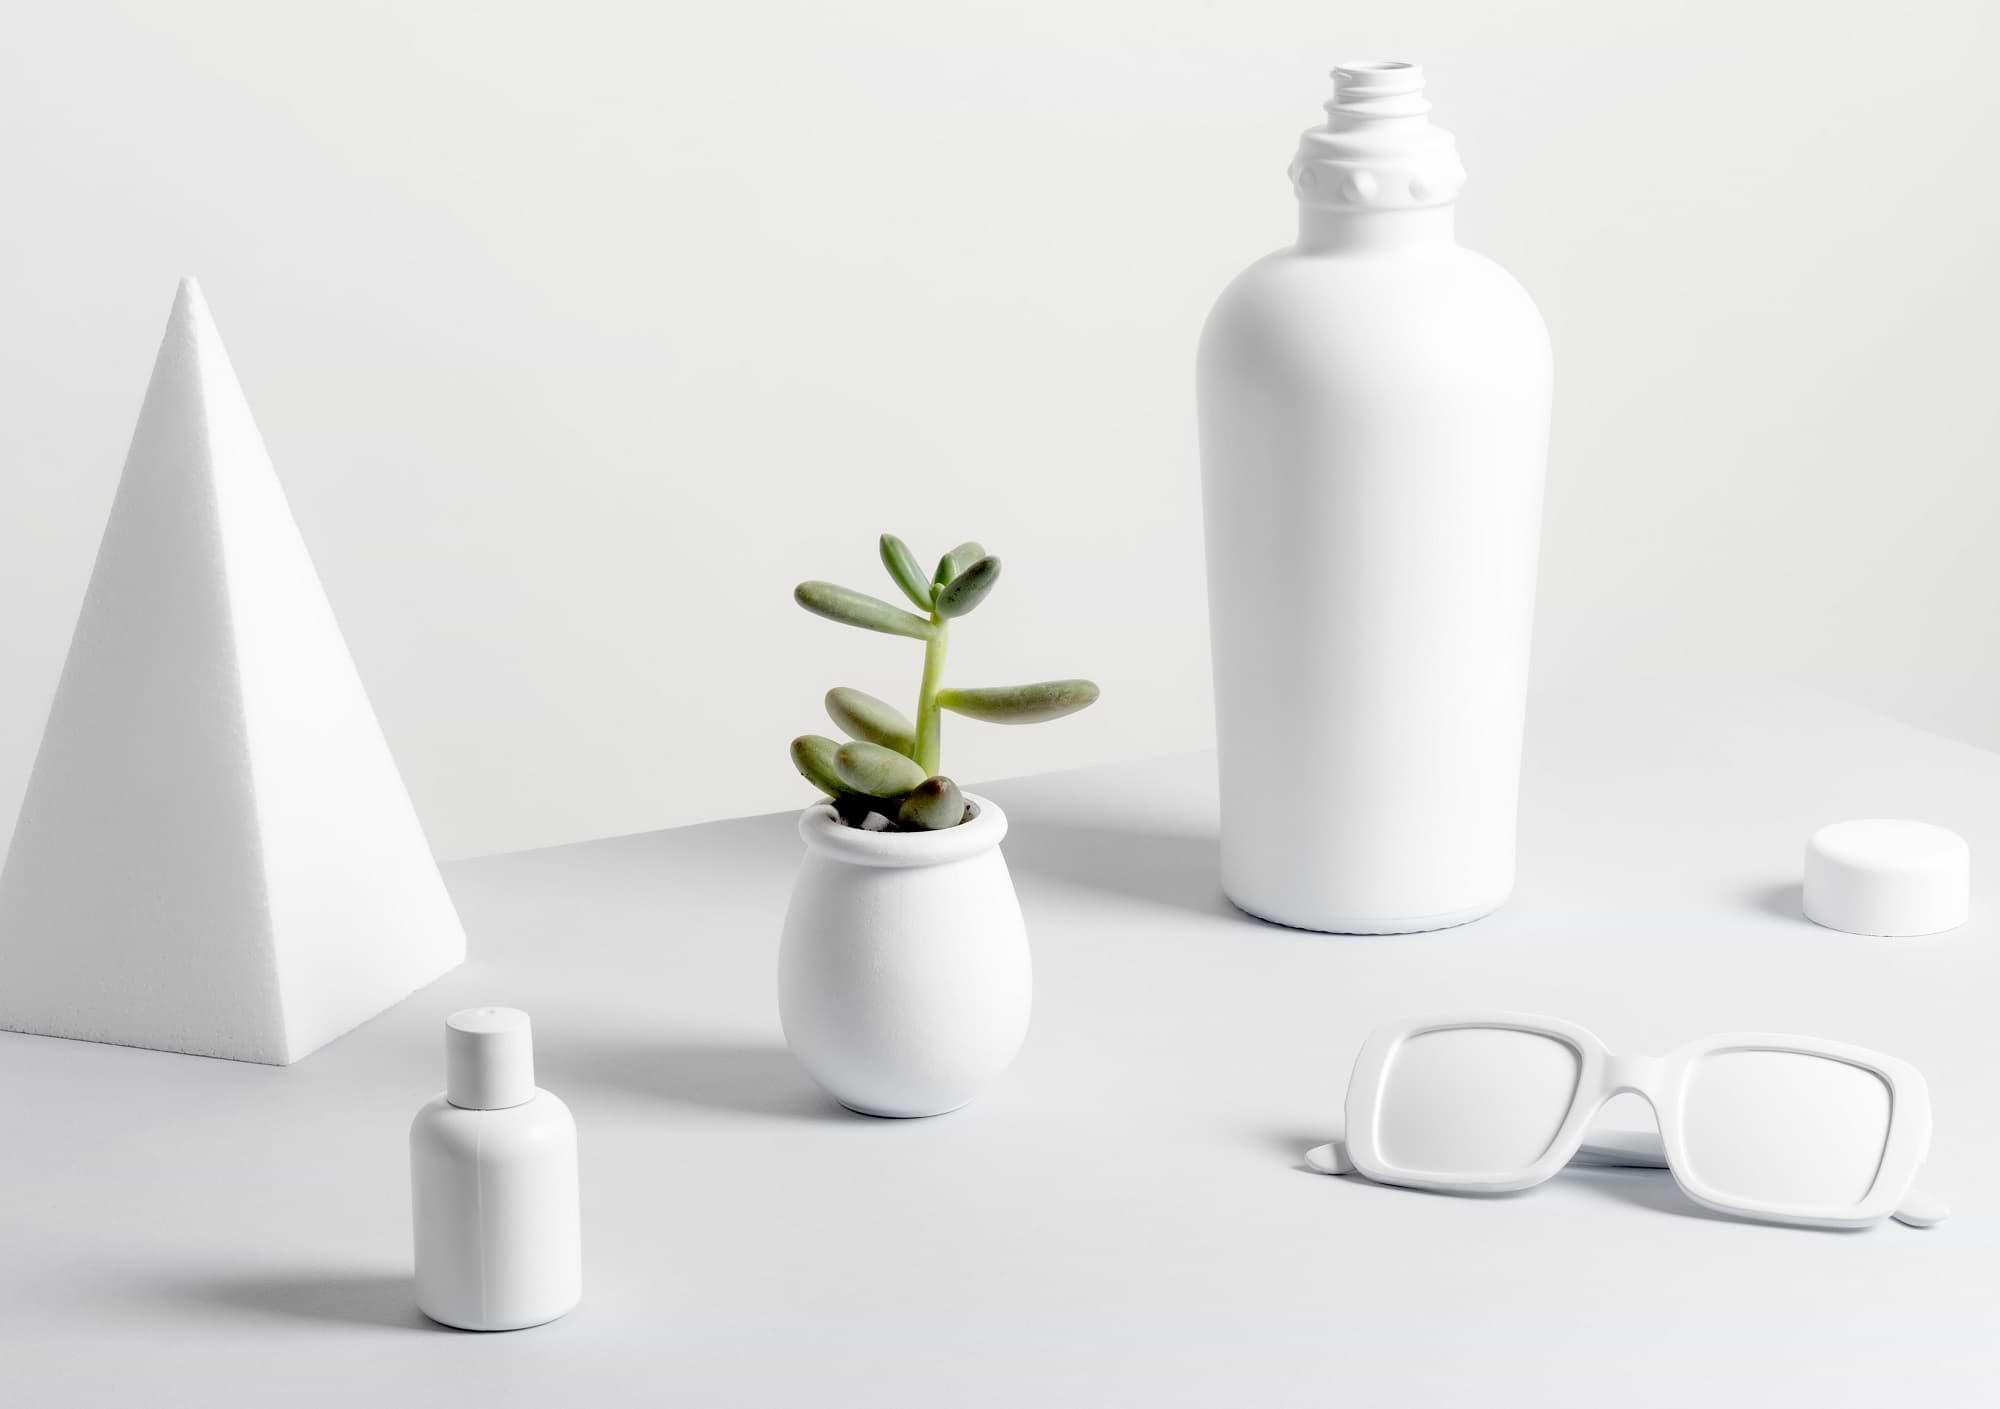 Design graphique packaging et objets